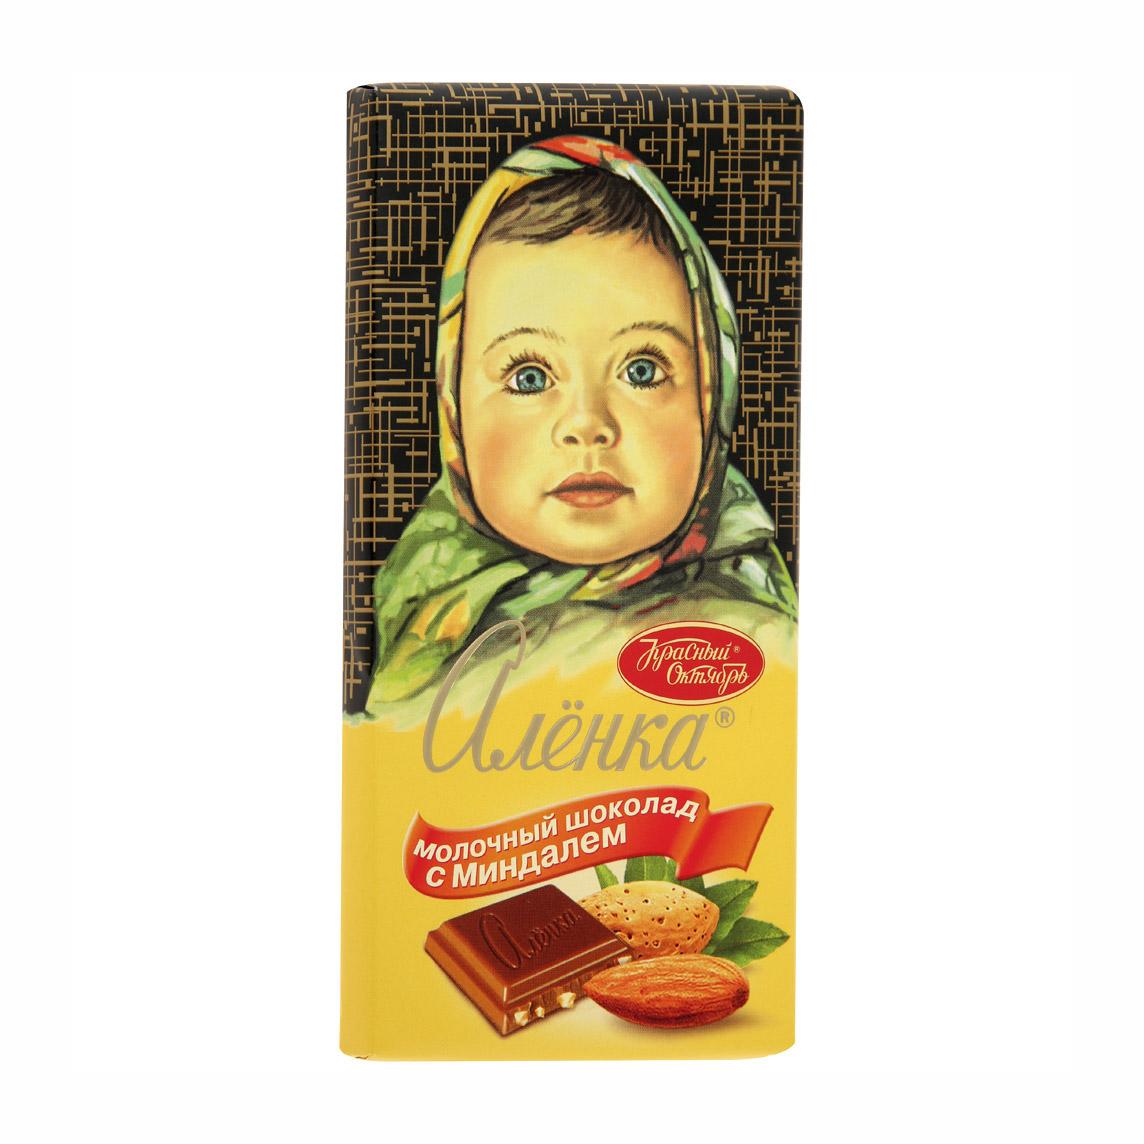 шоколад а коркунов горький с миндалем 55% 90 г Шоколад Аленка с миндалем 90 г